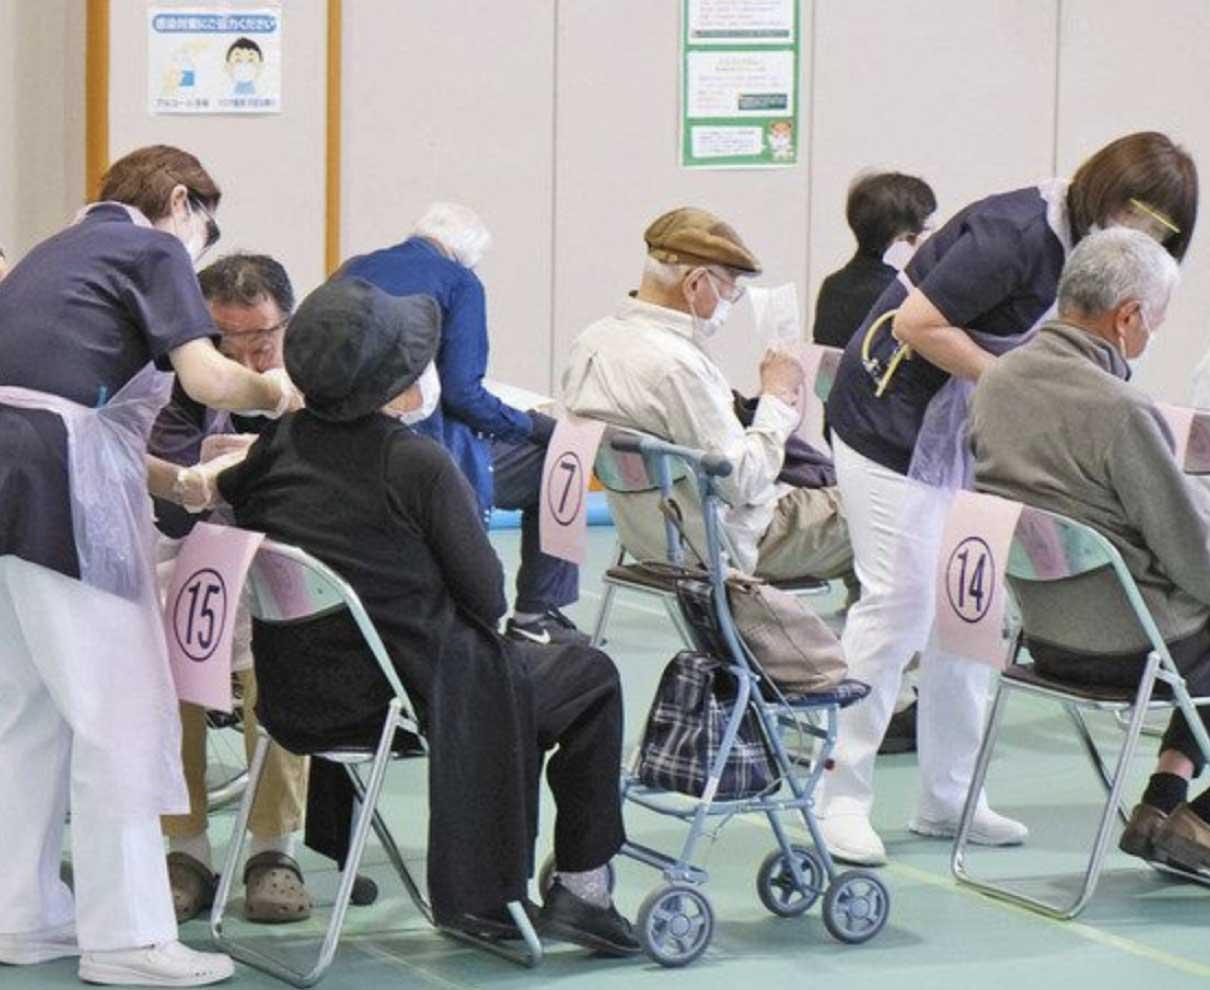 【福井】県内各地でワクチン個別接種始まる